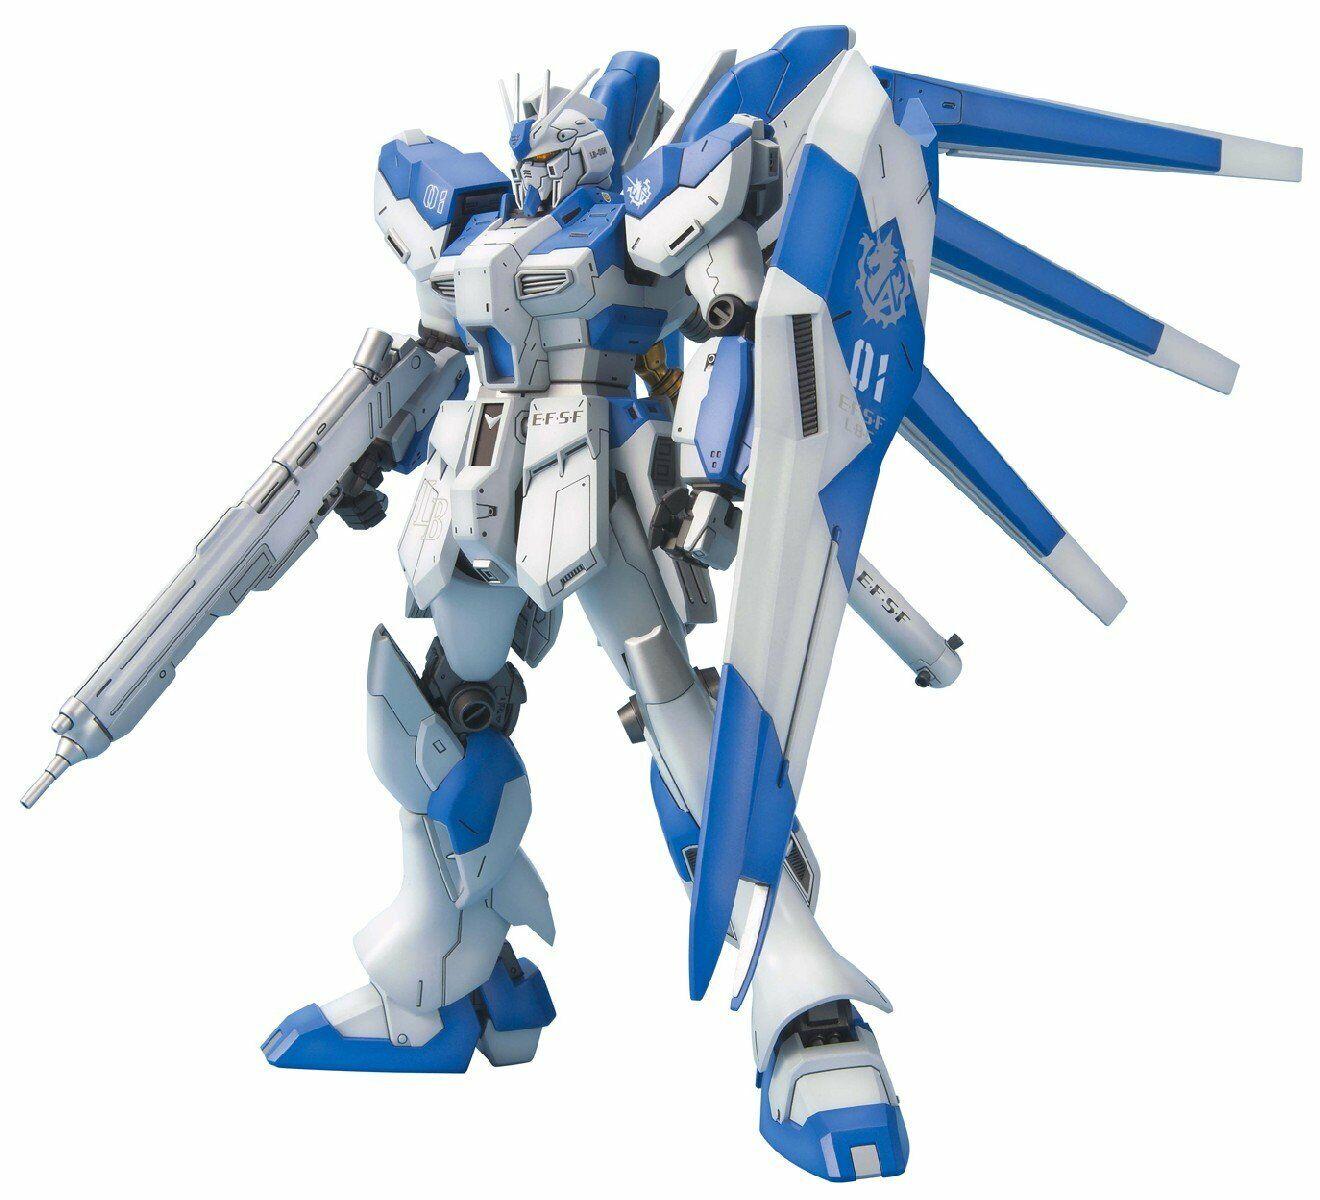 Gundam Rx-93-2 Hi-Nu Mg 1 100 Scale